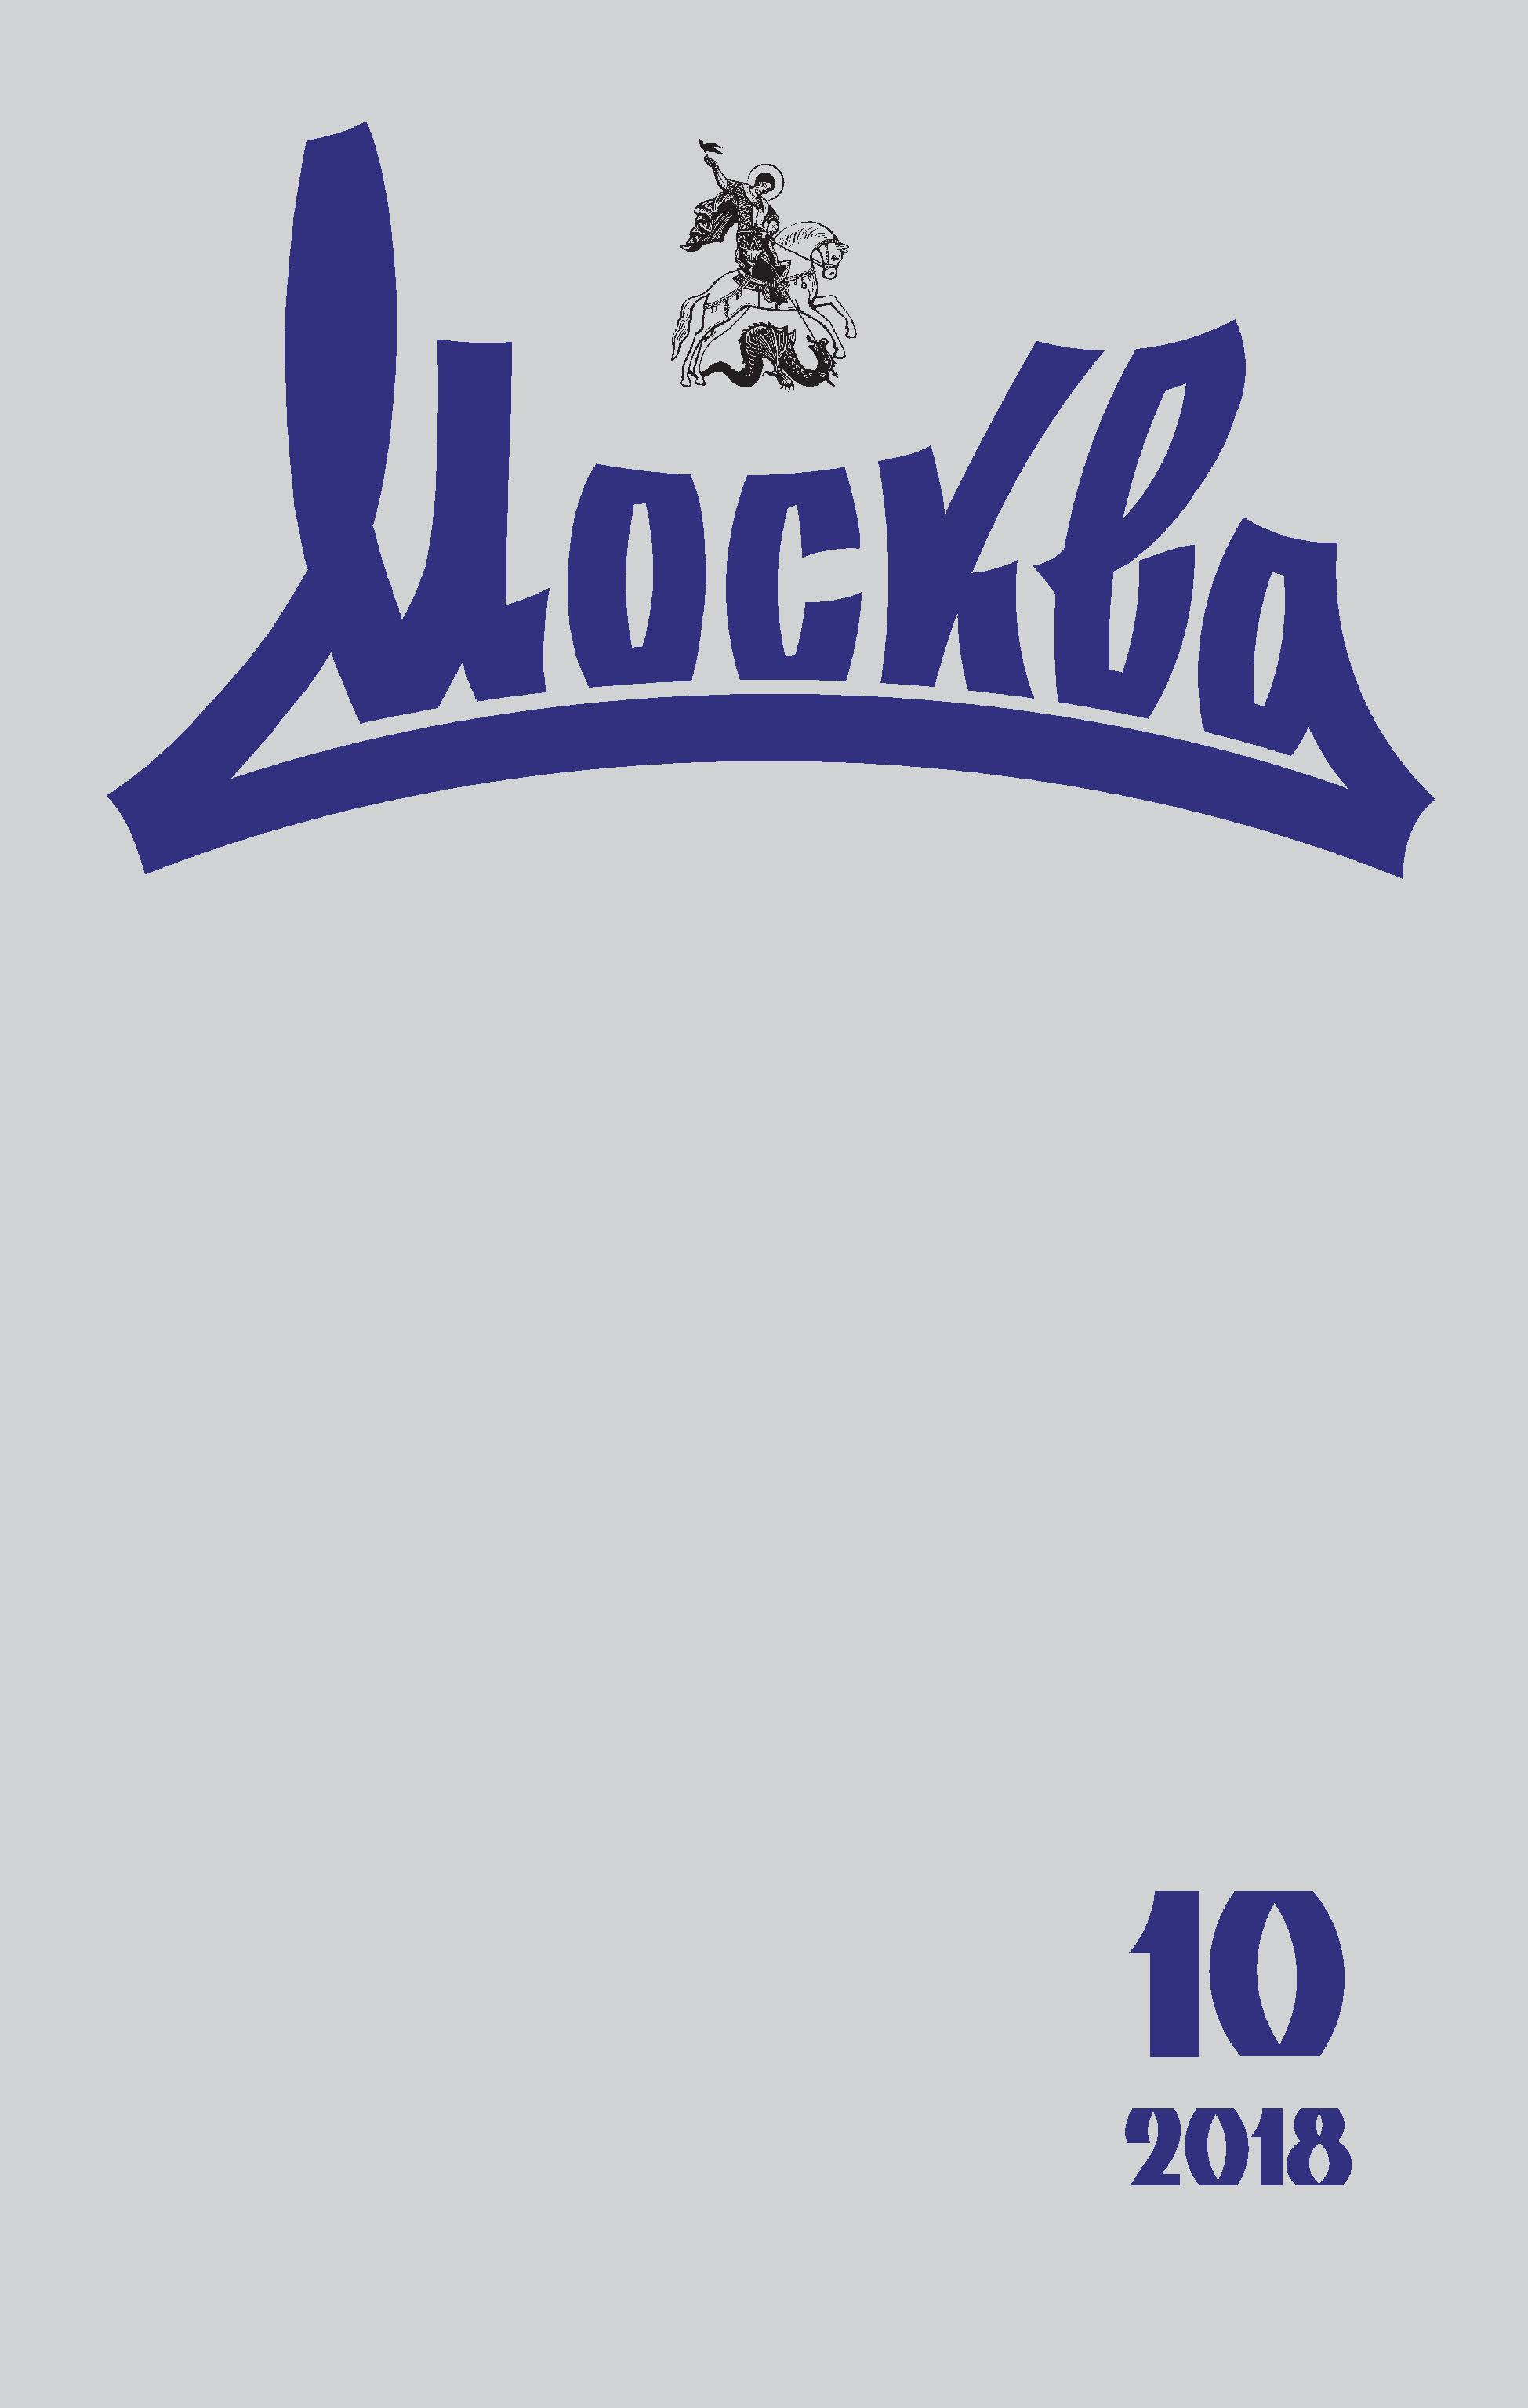 купить Отсутствует Журнал русской культуры «Москва» №10/2018 по цене 59.9 рублей